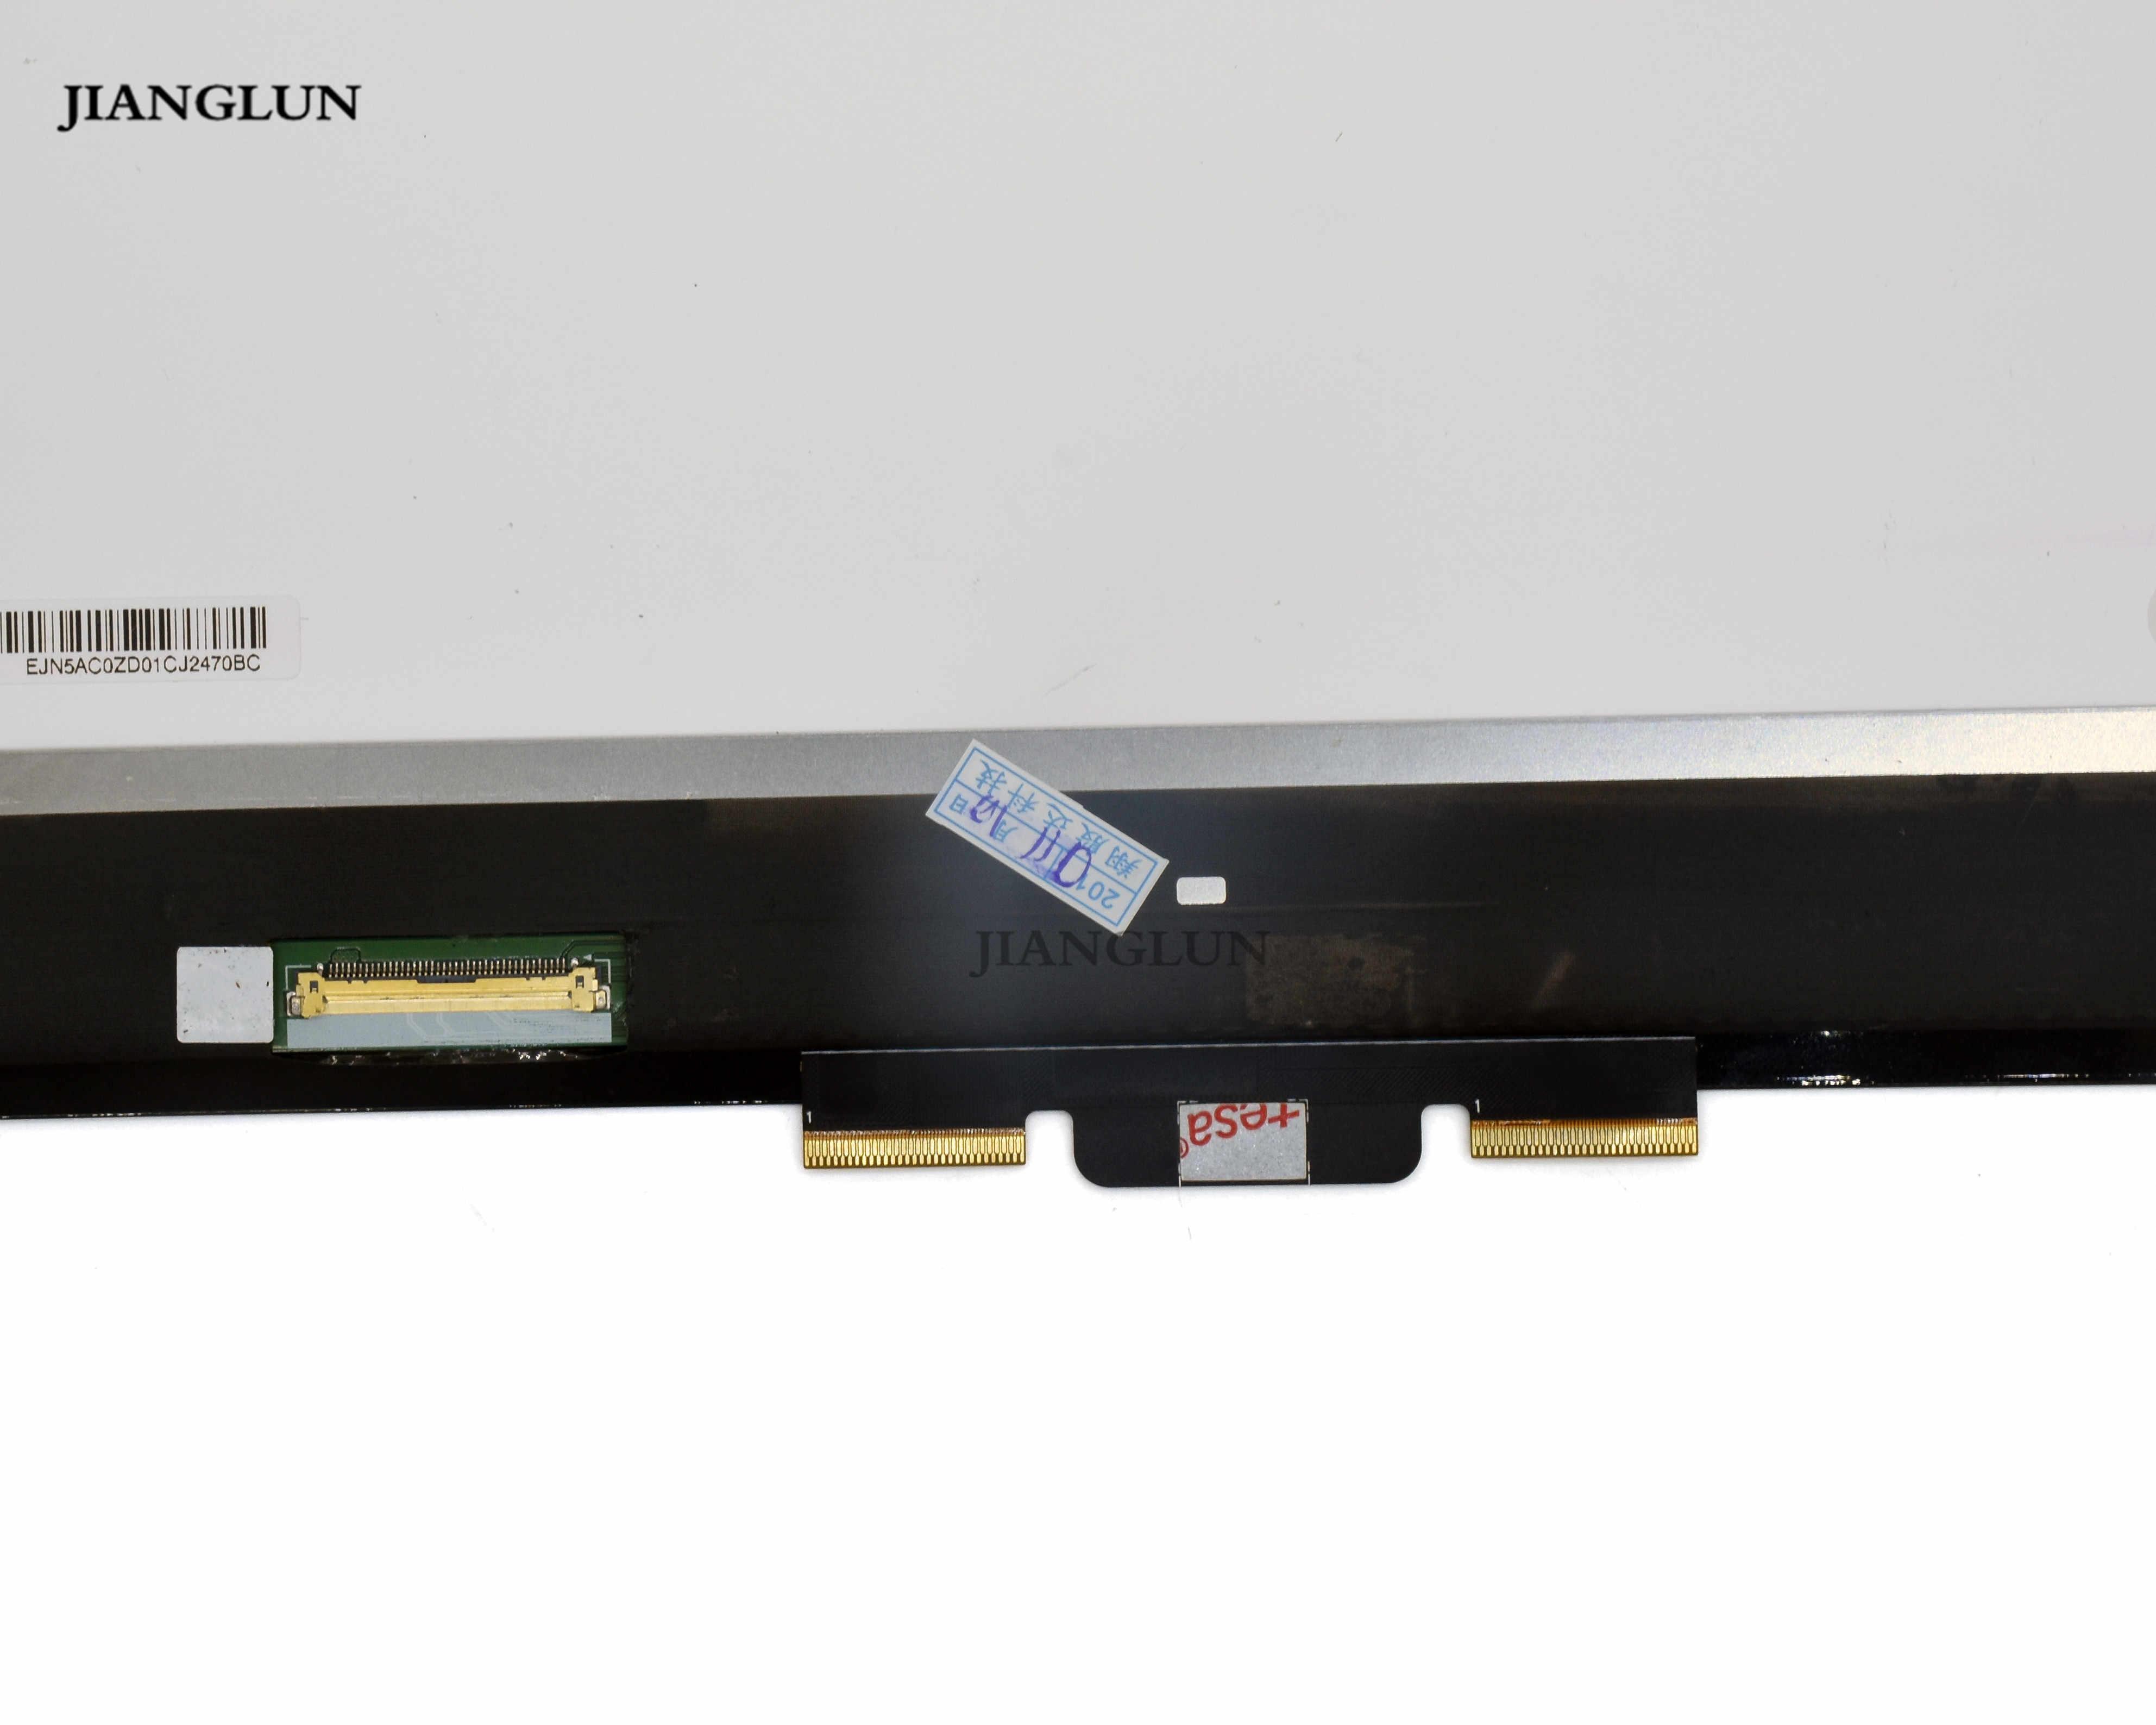 جيانغ لون ل HP 13-4007na LP133QH1 SPA1 شاشة LCD الجمعية دون إطار دون لوحة اللمس